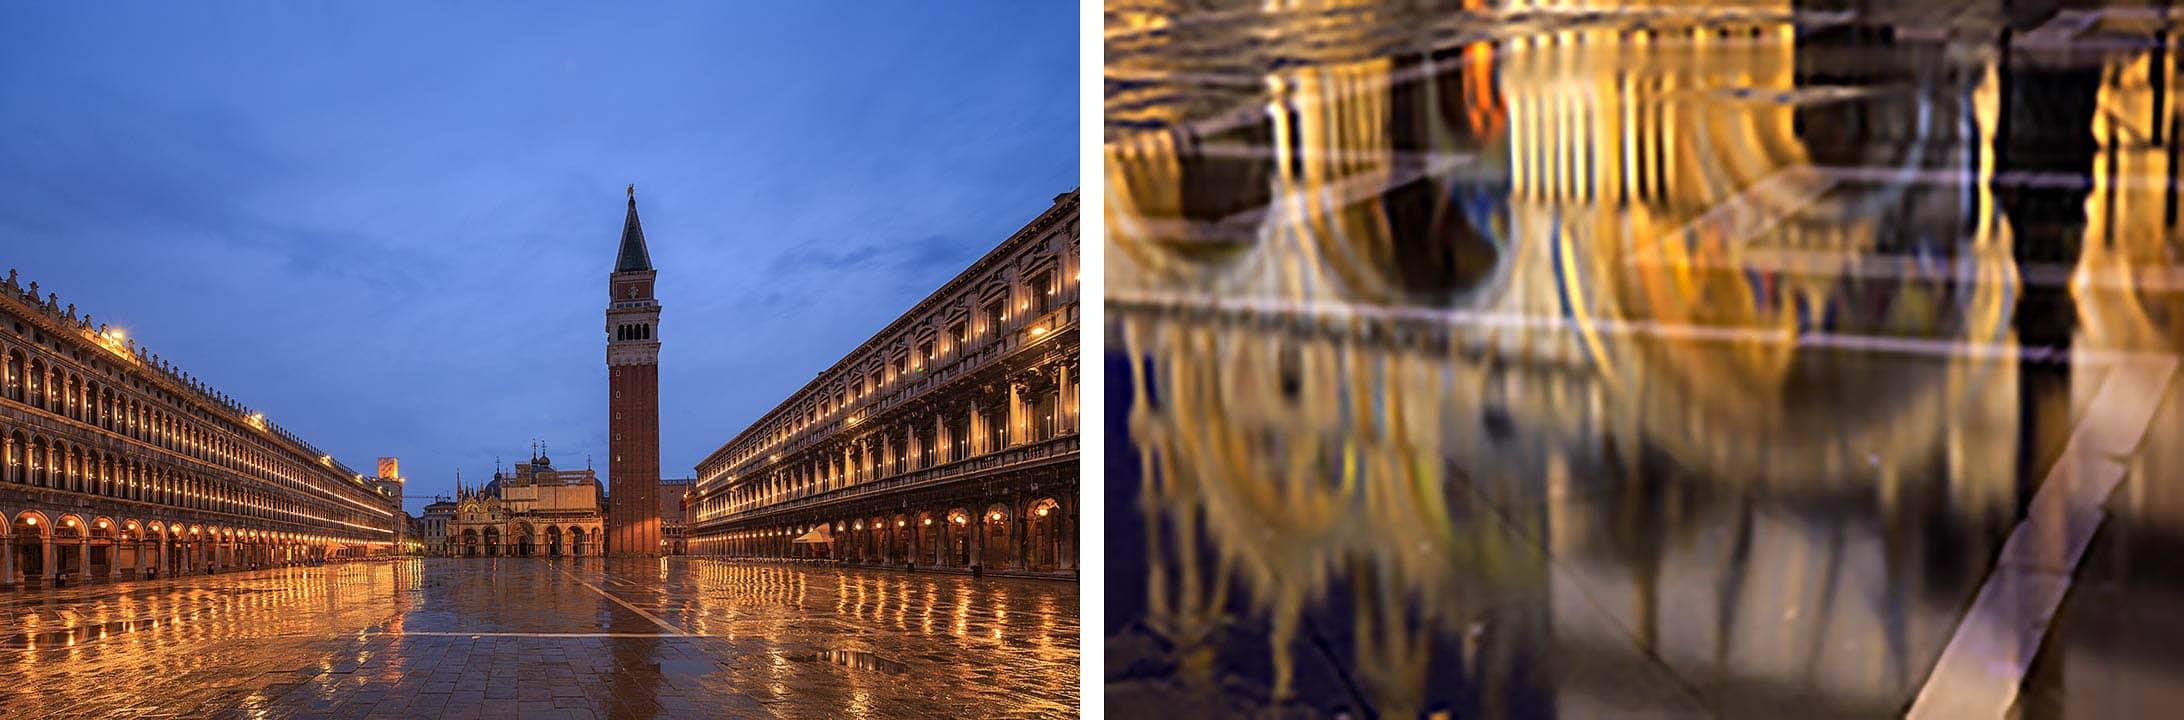 Venice Photo Tour 2020